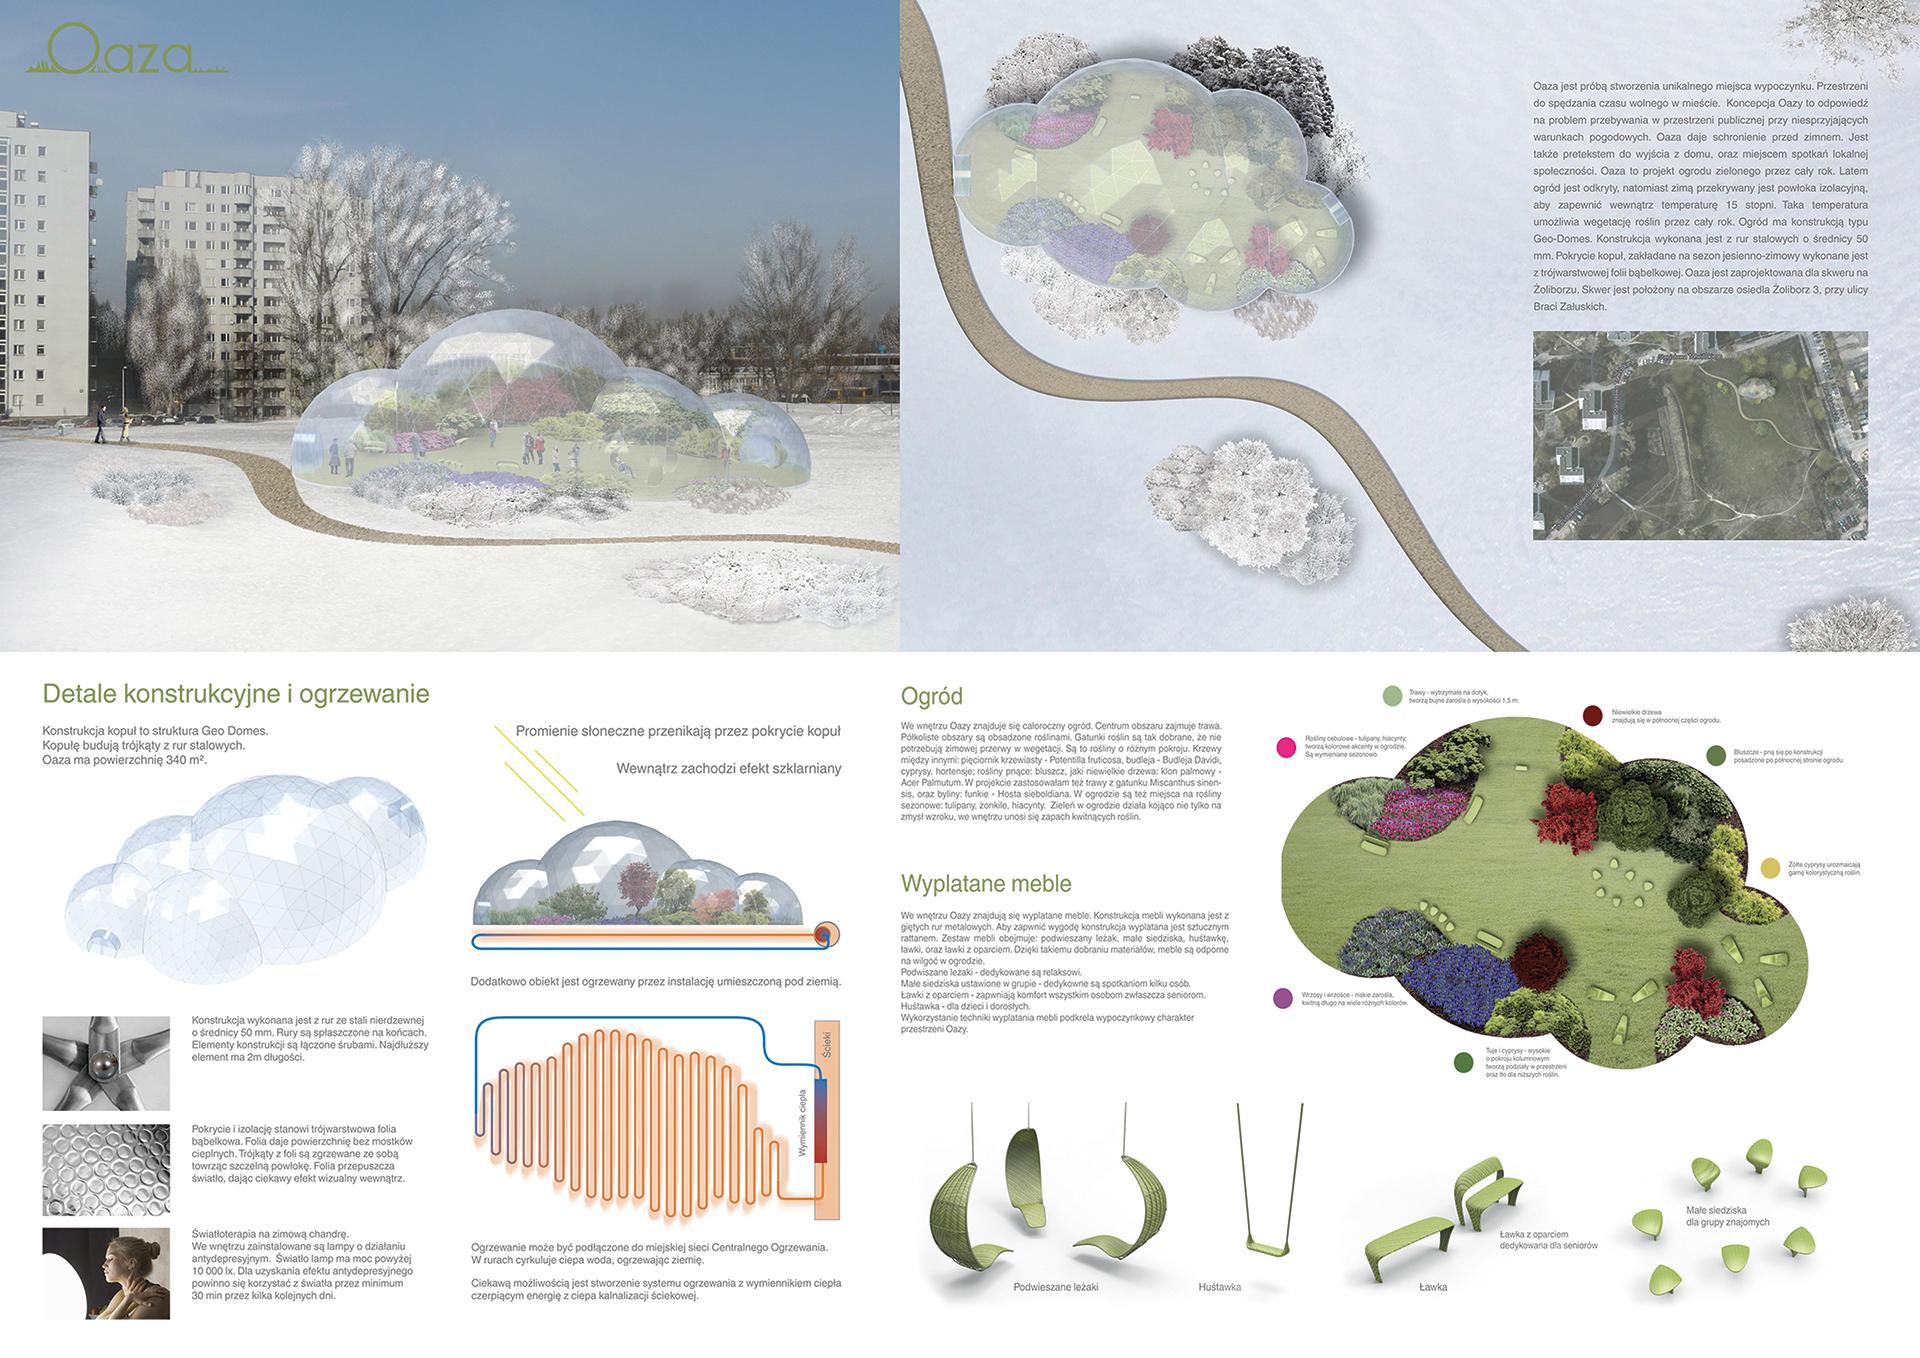 Oaza - projekt ogrodu zielonego przez cały rok